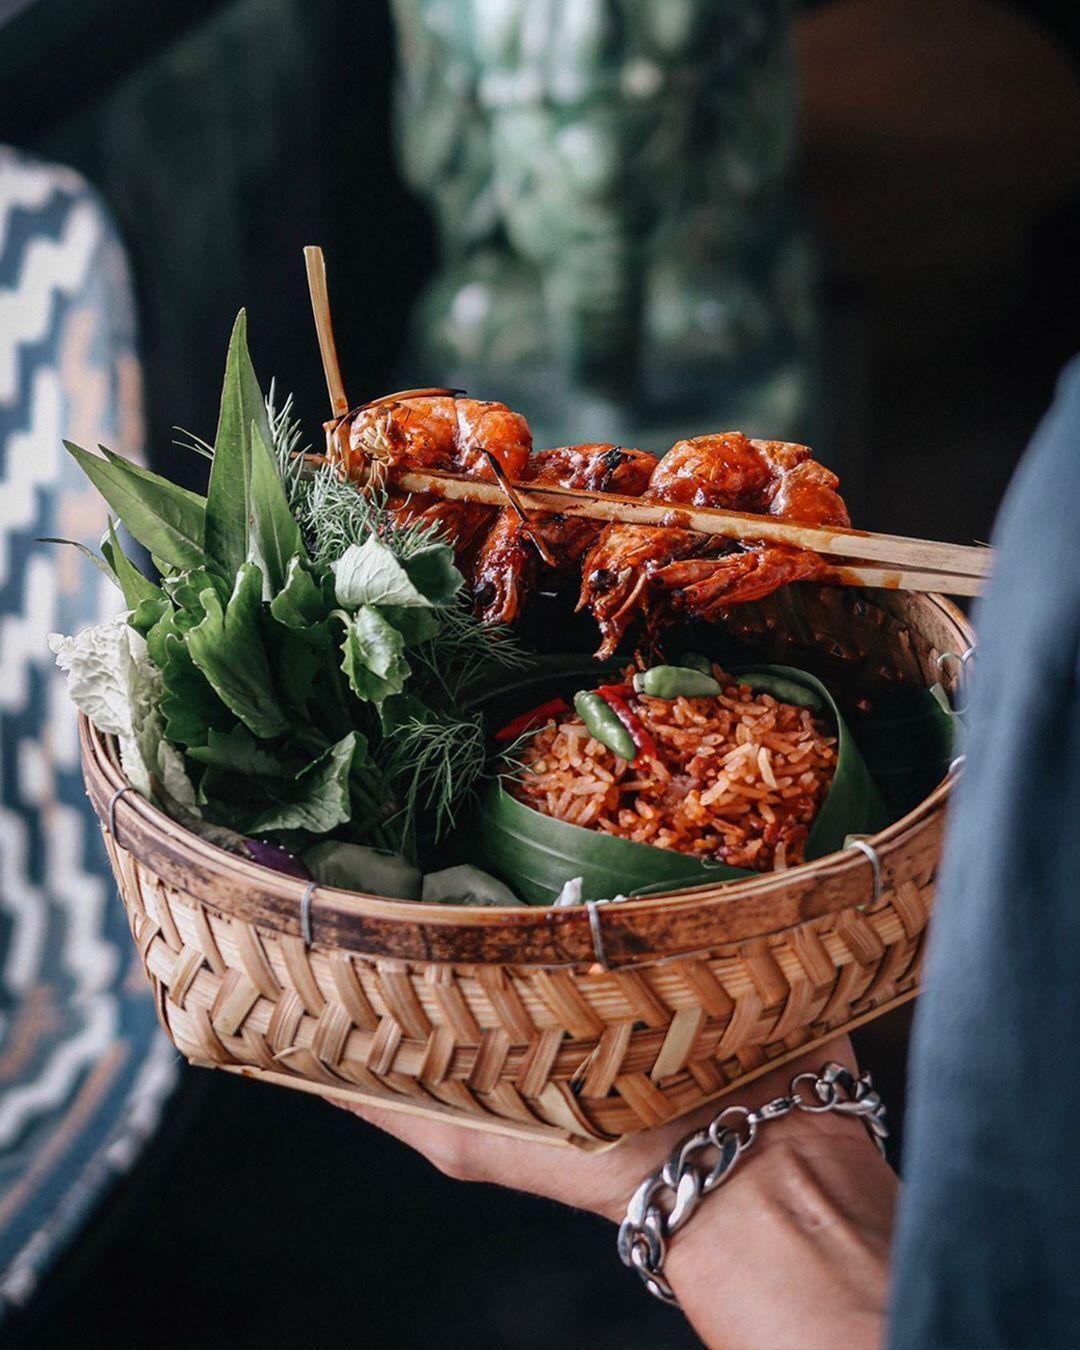 สุดยอด 'ร้านอาหารไทย' แห่งปี จาก Tatler Thailand Best Restaurants 2020